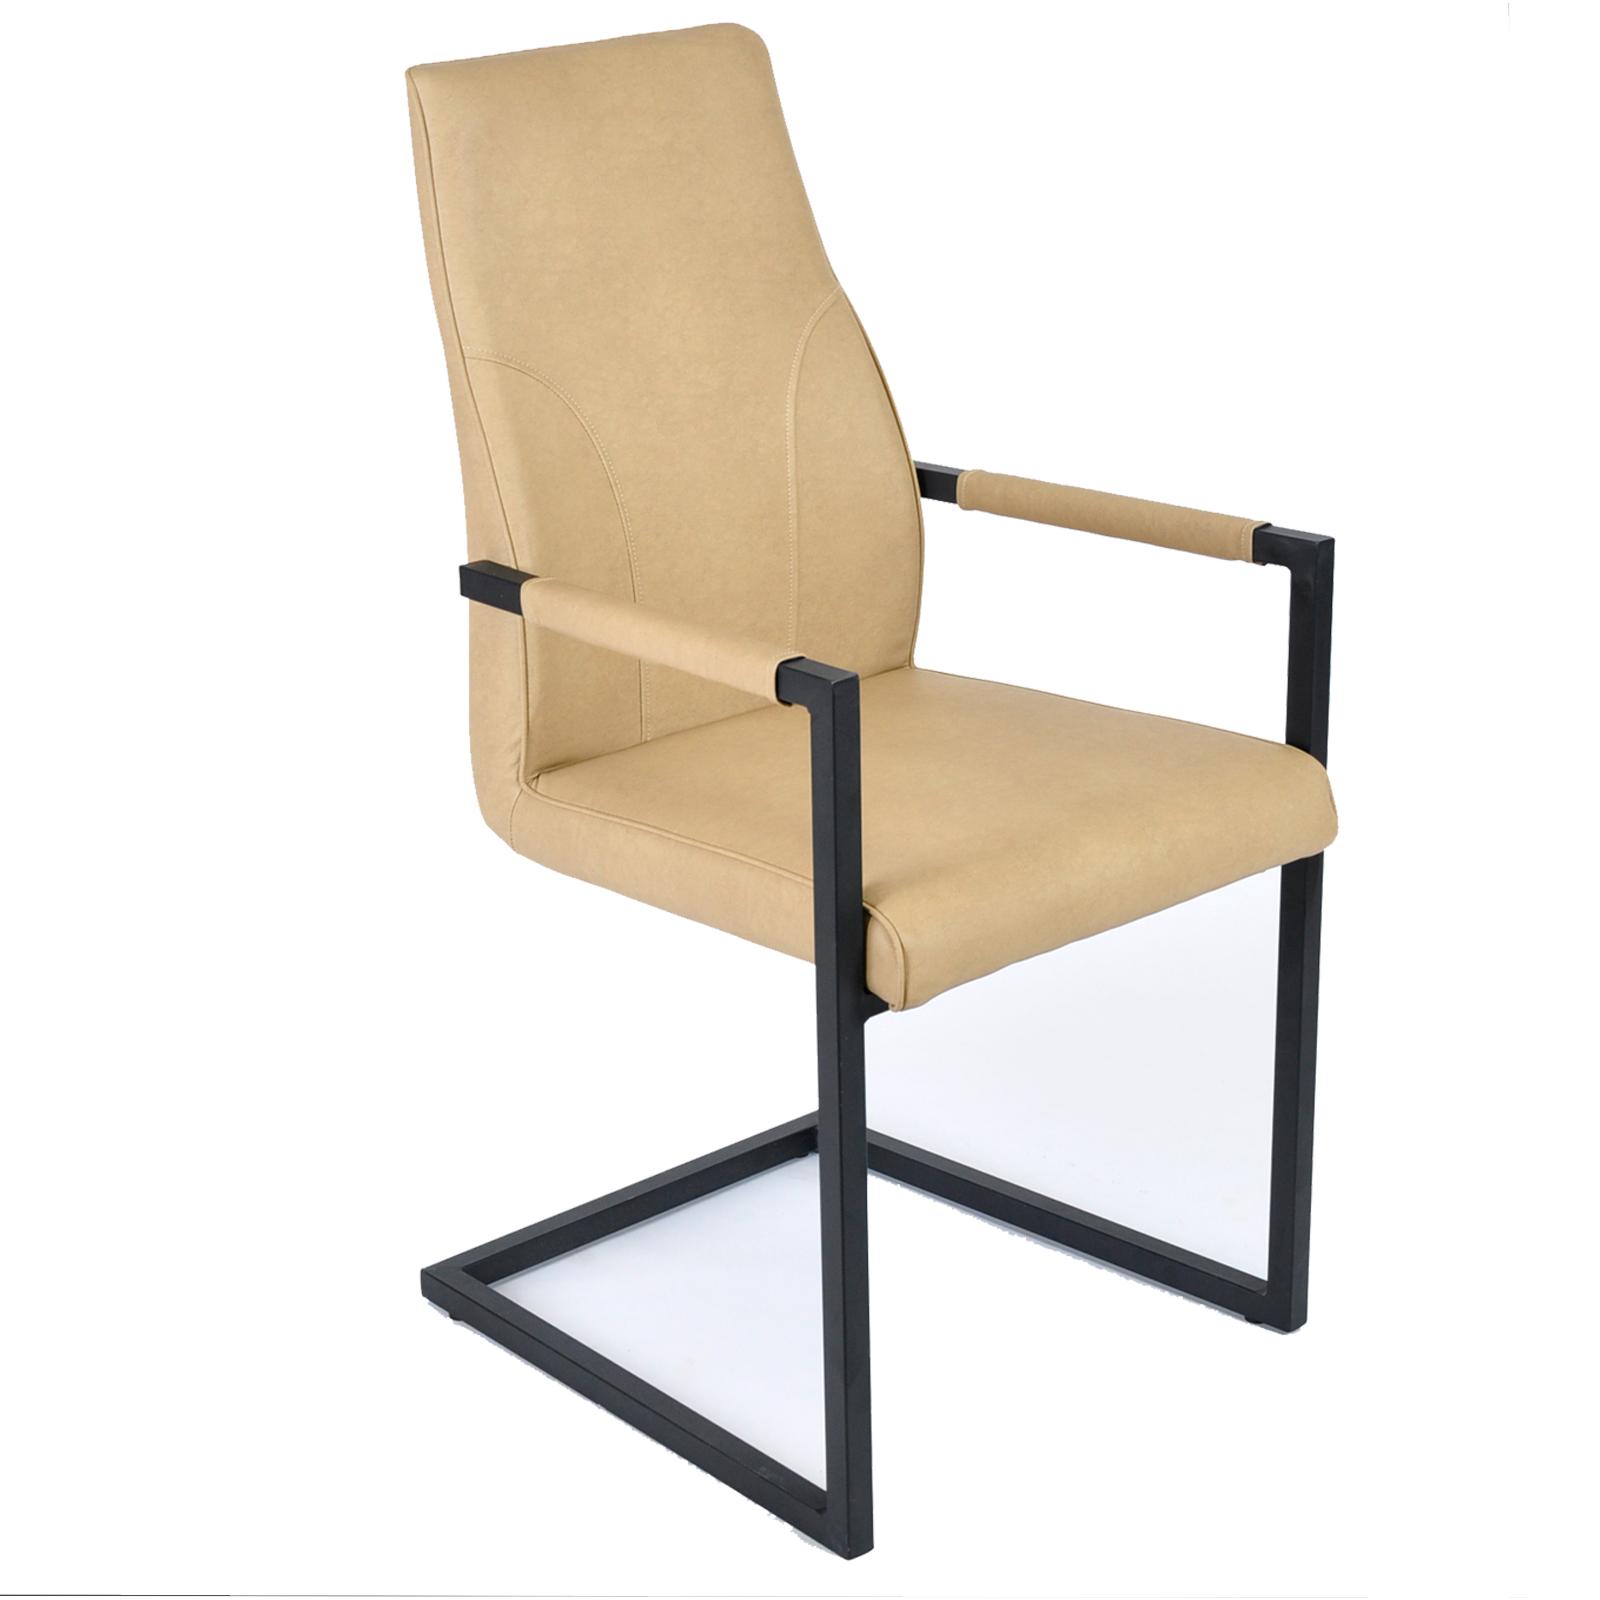 Full Size of Stuhl Für Schlafzimmer Wandtattoo Sprüche Die Küche Moderne Bilder Fürs Wohnzimmer Kronleuchter Deckenleuchte Klebefolie Fenster Deckenleuchten Schlafzimmer Stuhl Für Schlafzimmer